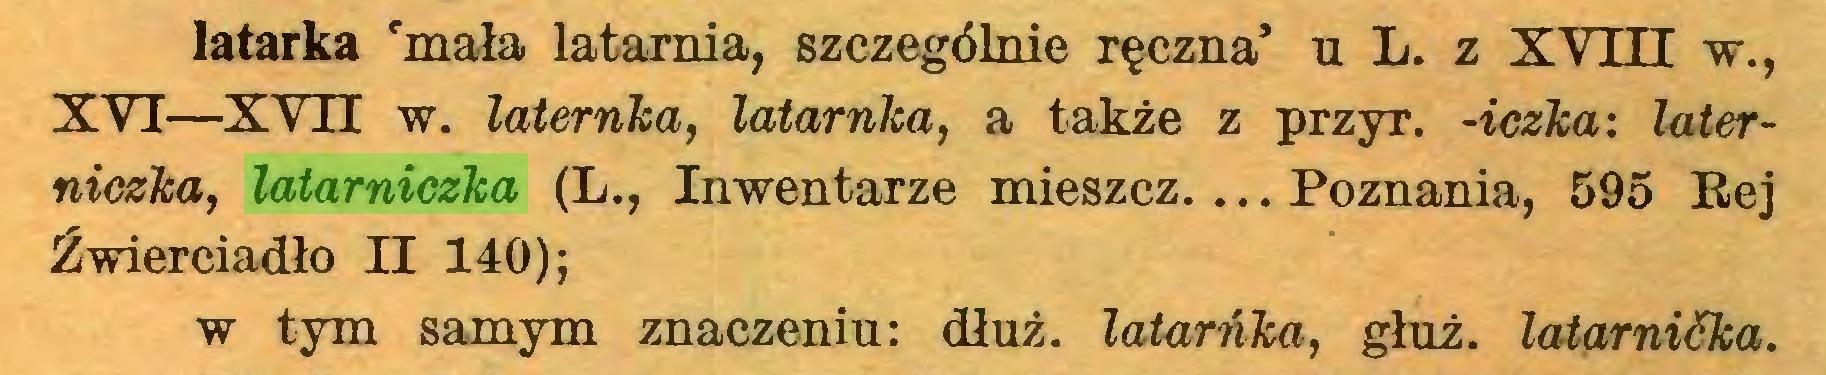 (...) latarka 'mała latarnia, szczególnie ręczna' u L. z XVITT w., XYI—XVH w. laternka, latarnka, a także z przyr. -iczka: taterniczka, latarniczka (L., Inwentarze mieszcz. ... Poznania, 595 Rej Źwierciadło II 140); w tym samym znaczeniu: dłuż. latarńka, głuż. latarnićka...